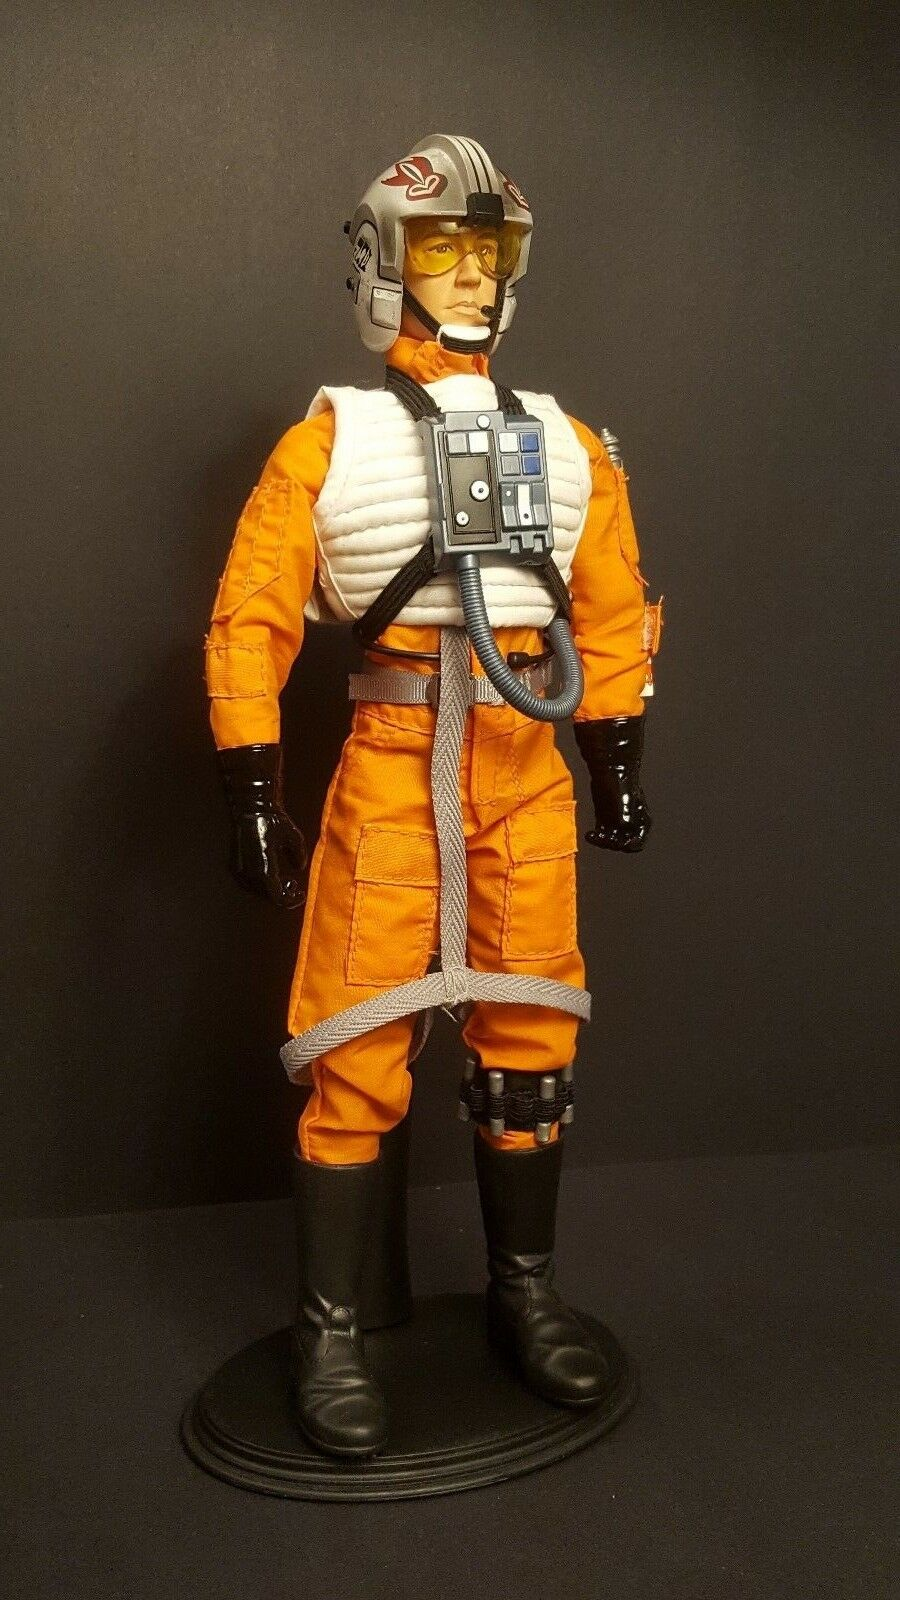 encuentra tu favorito aquí Estrella Estrella Estrella Wars, Rogue One X-wing Pilot figura 1 6 escala 12  De Alto  ventas al por mayor